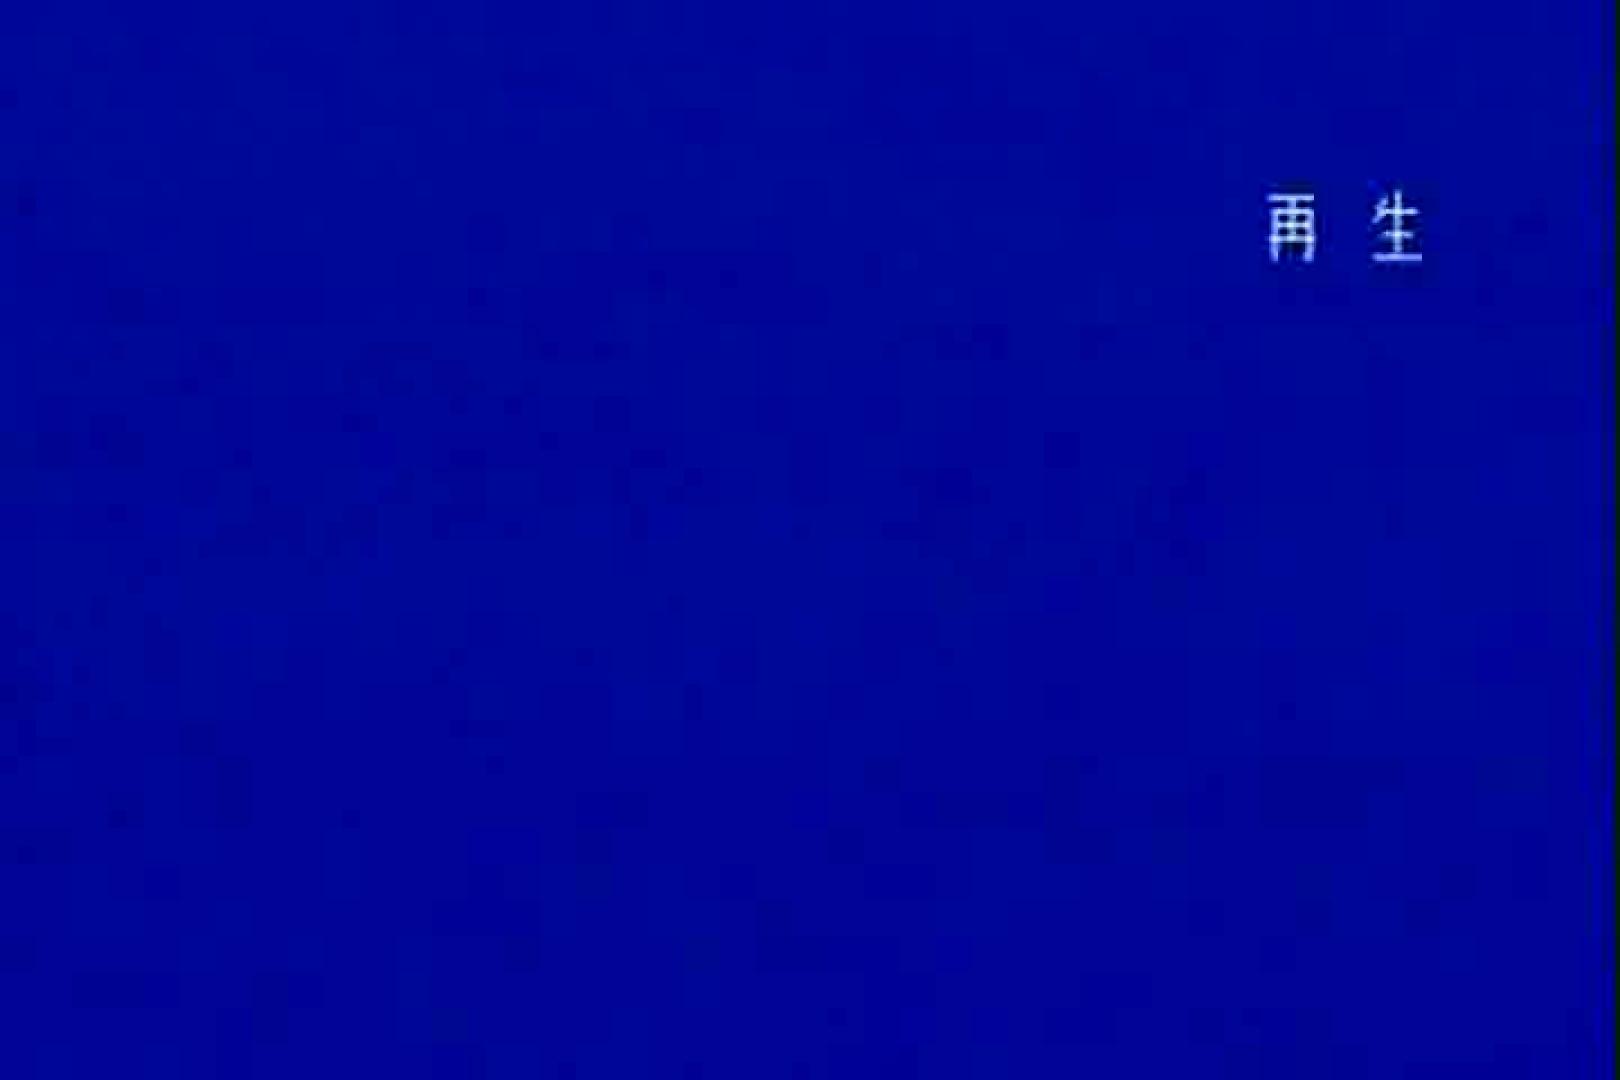 「ちくりん」さんのオリジナル未編集パンチラVol.4_02 お姉さんのヌード おまんこ動画流出 107画像 34